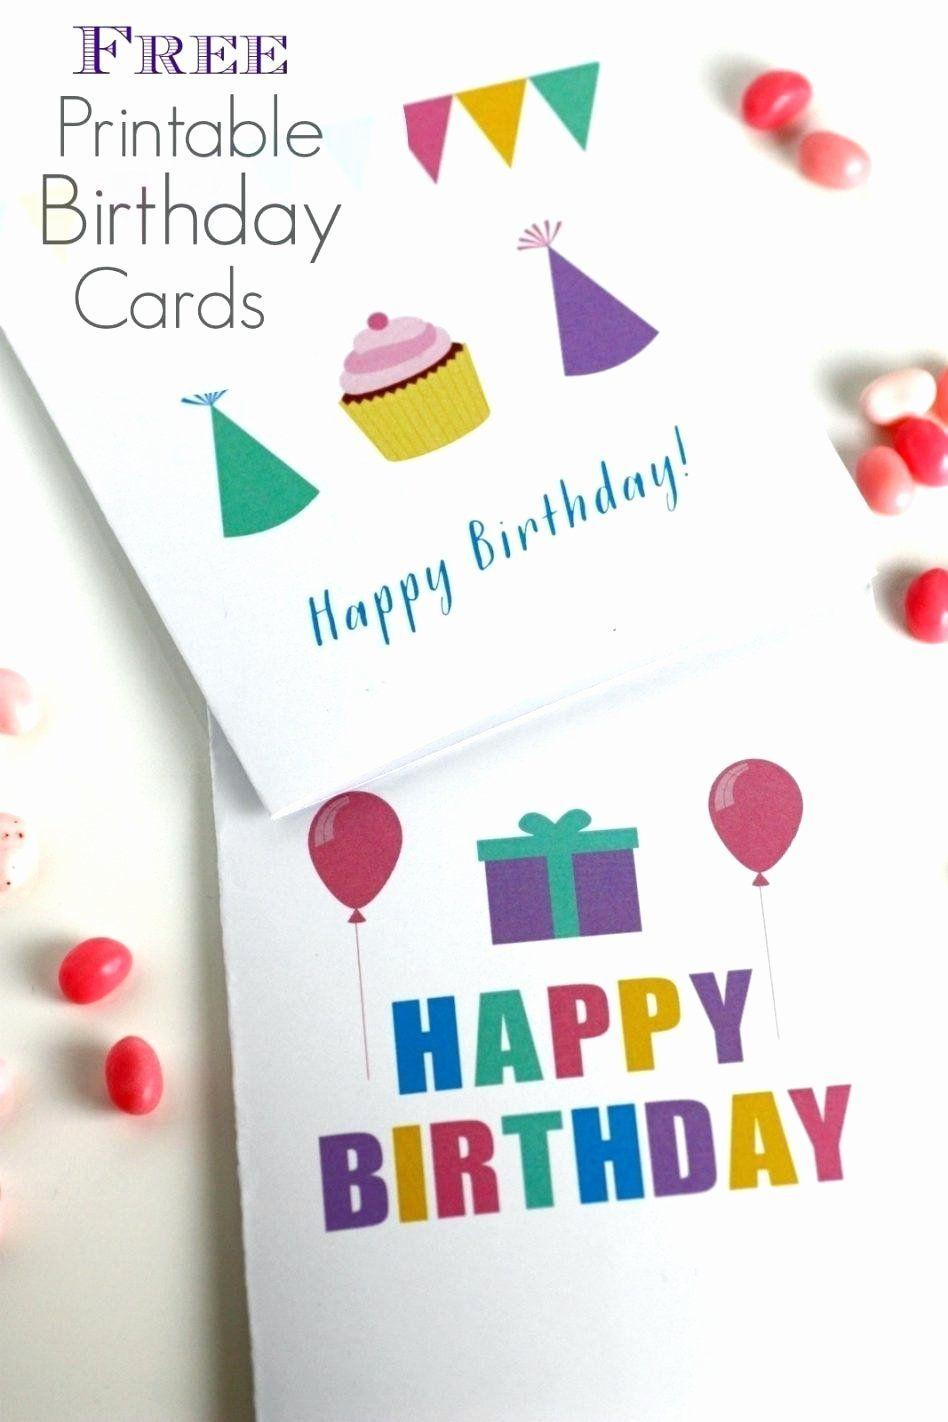 Birthday Card For Kids Fresh Funny Printable Birthday Cards For Mom Verypage In 2020 Free Printable Birthday Cards Free Birthday Card Happy Birthday Cards Printable